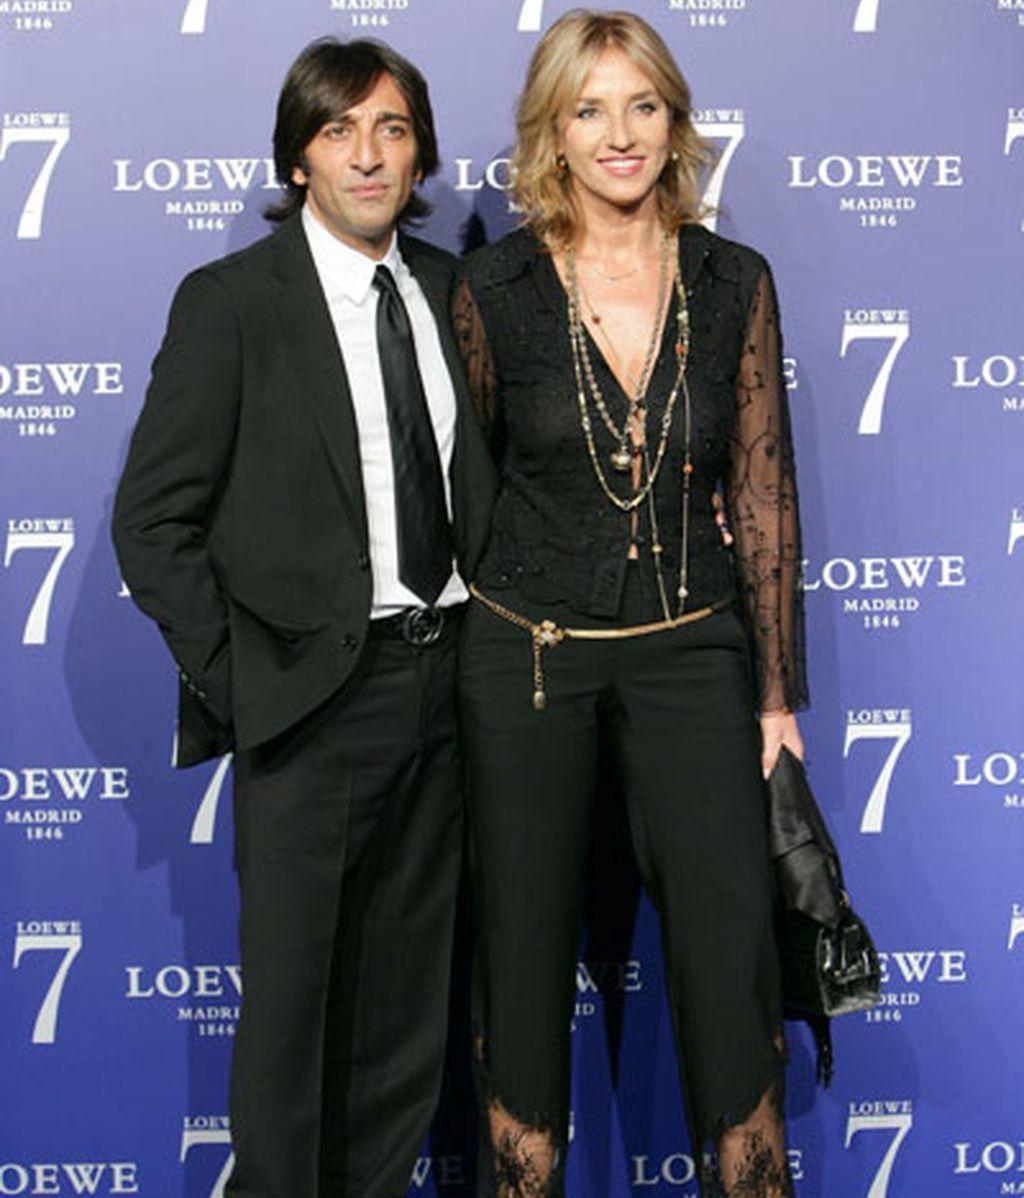 Cayetano Rivera y Eva González, protagonistas de un elenco de lujo en la fiesta de Loewe